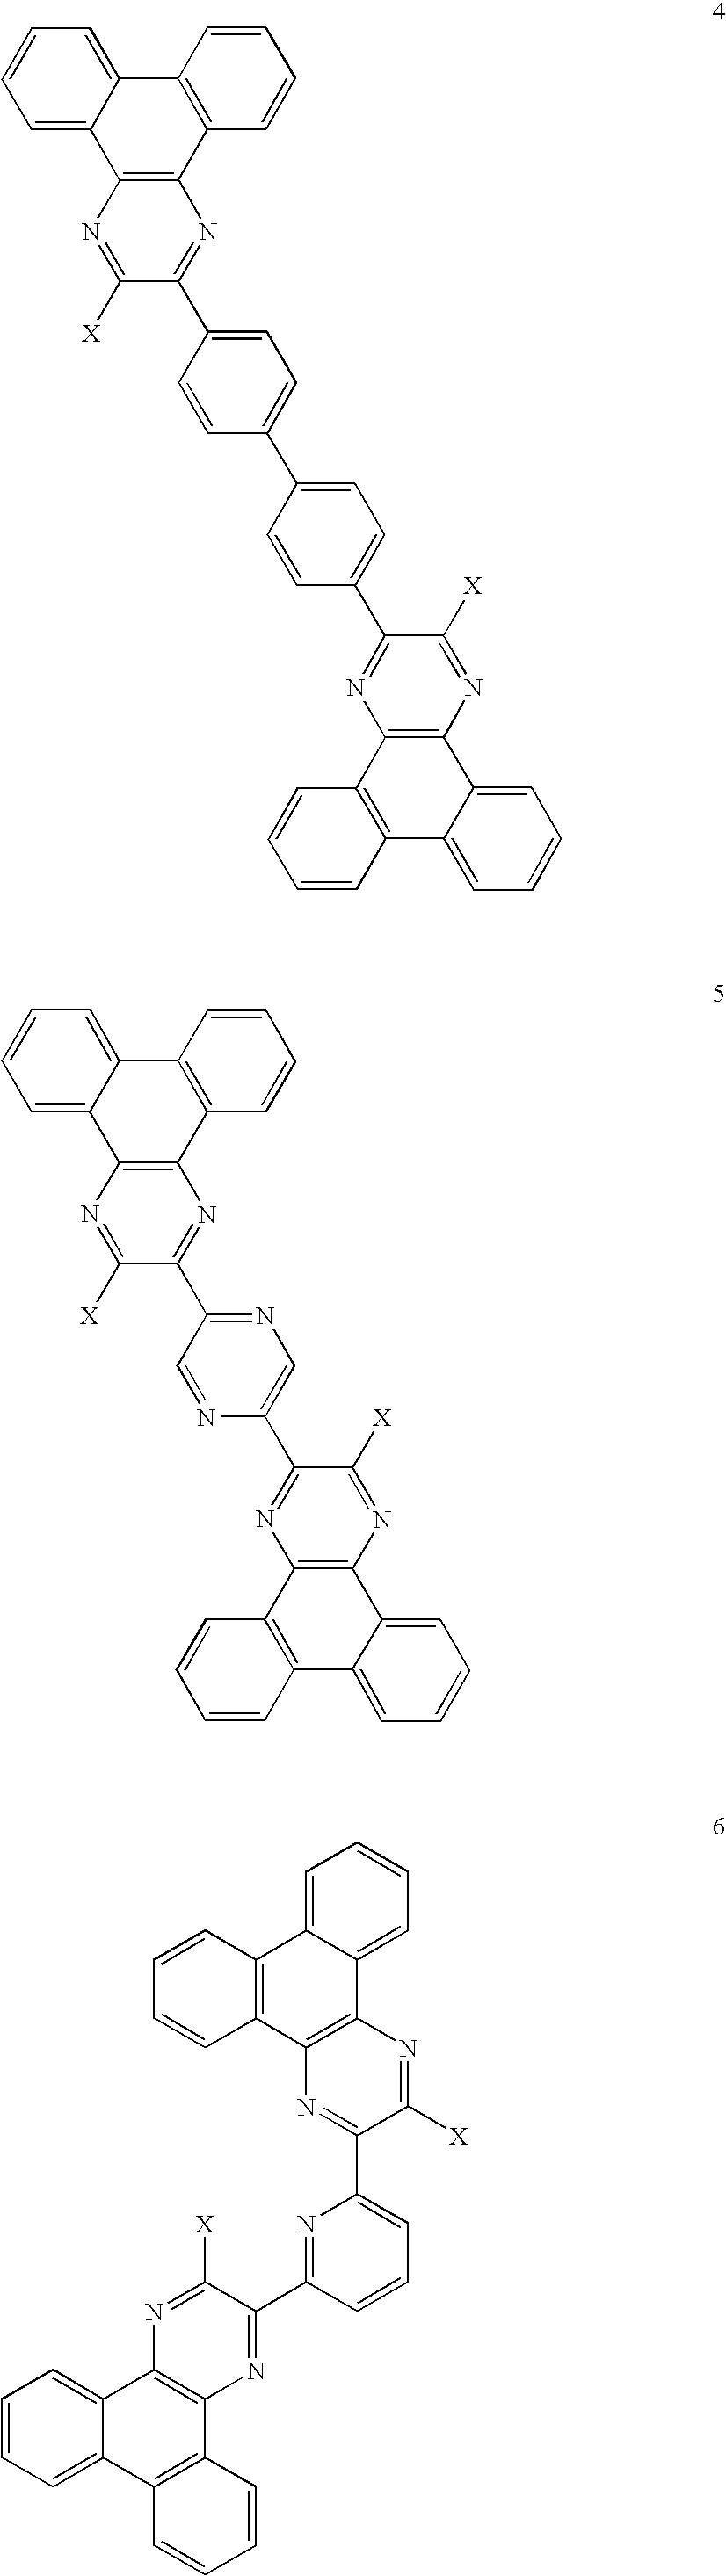 Figure US06723445-20040420-C00011